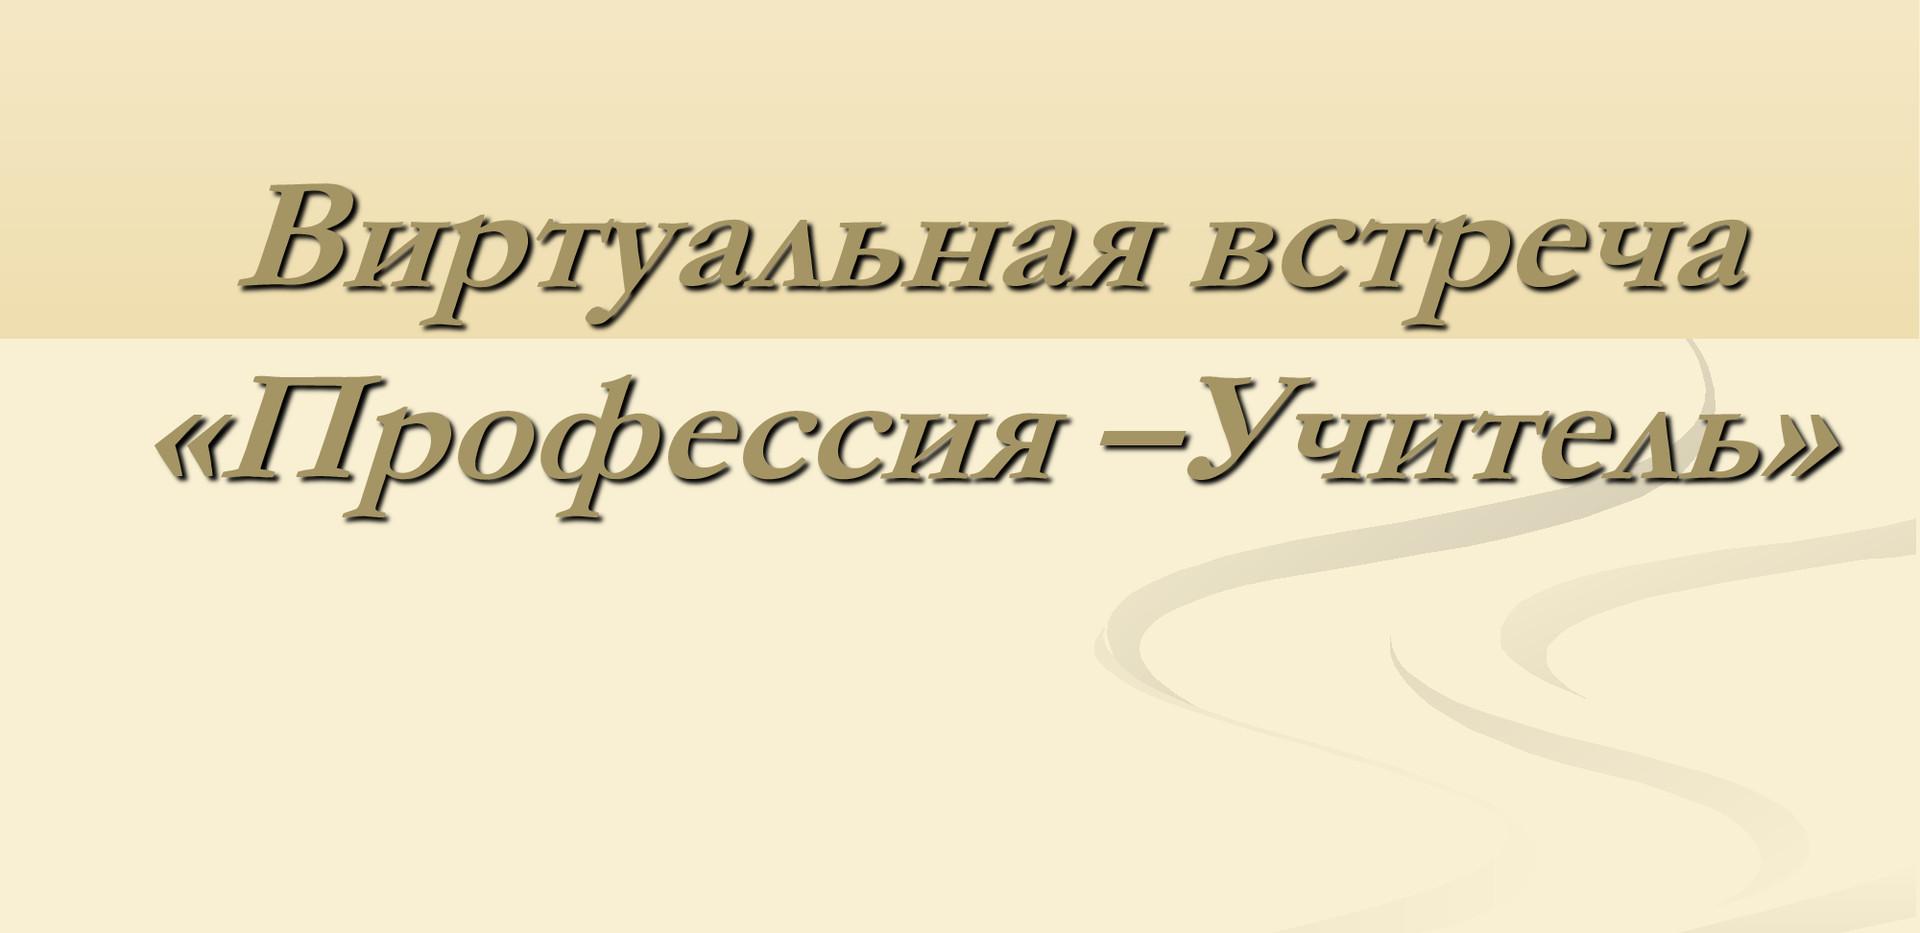 32e17c1e268ee322ffd6d314de13a0cb-0.jpg